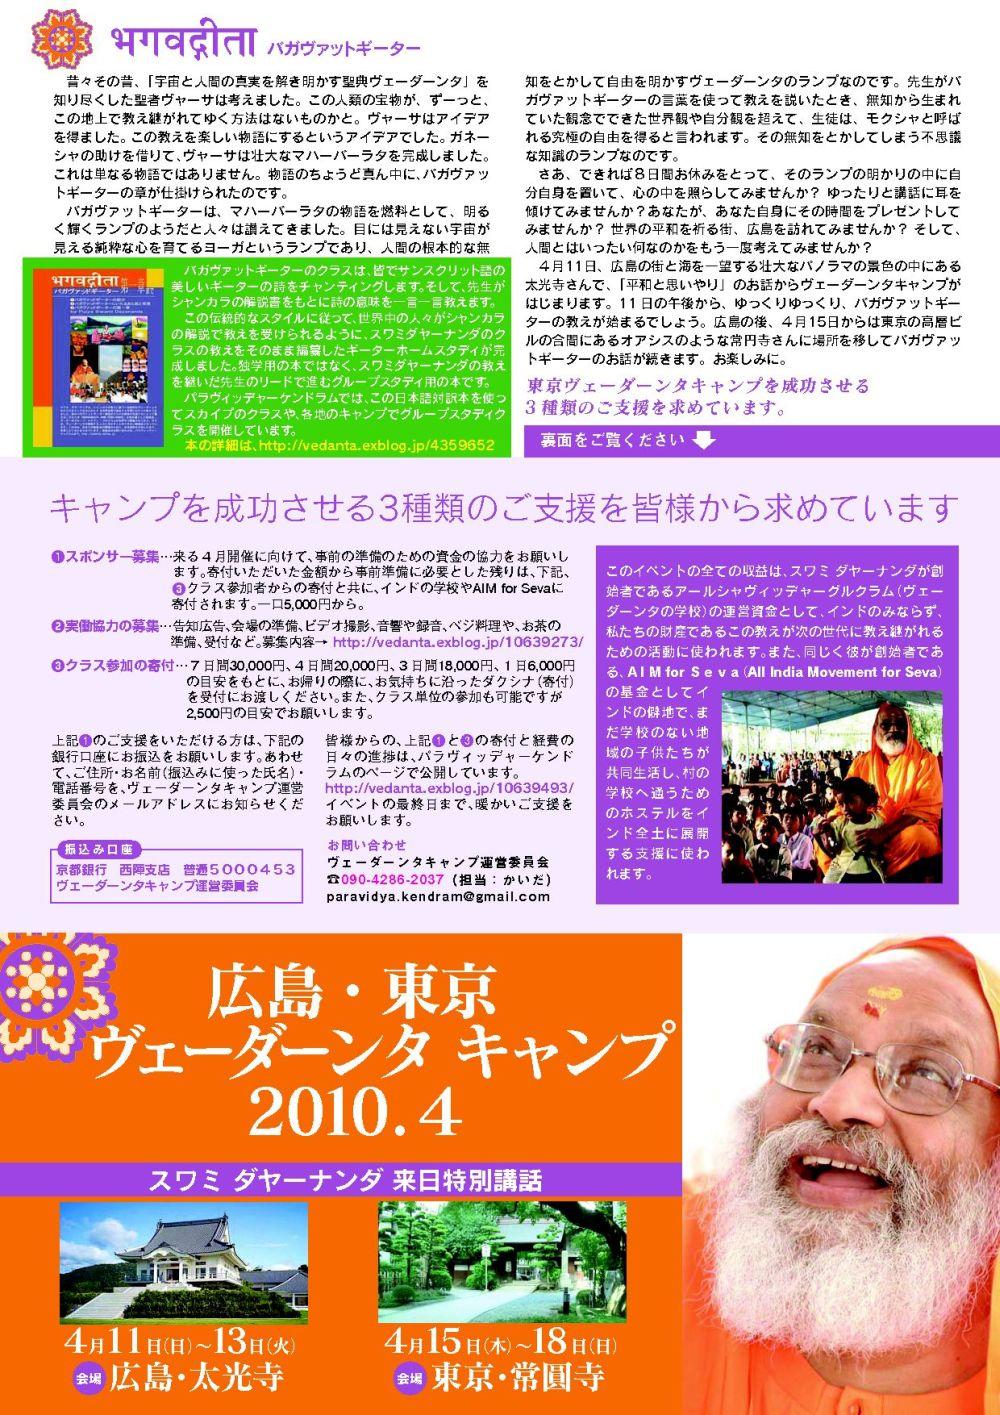 広島&東京ヴェーダーンタキャンプ2010のパンフ_d0103413_11164320.jpg